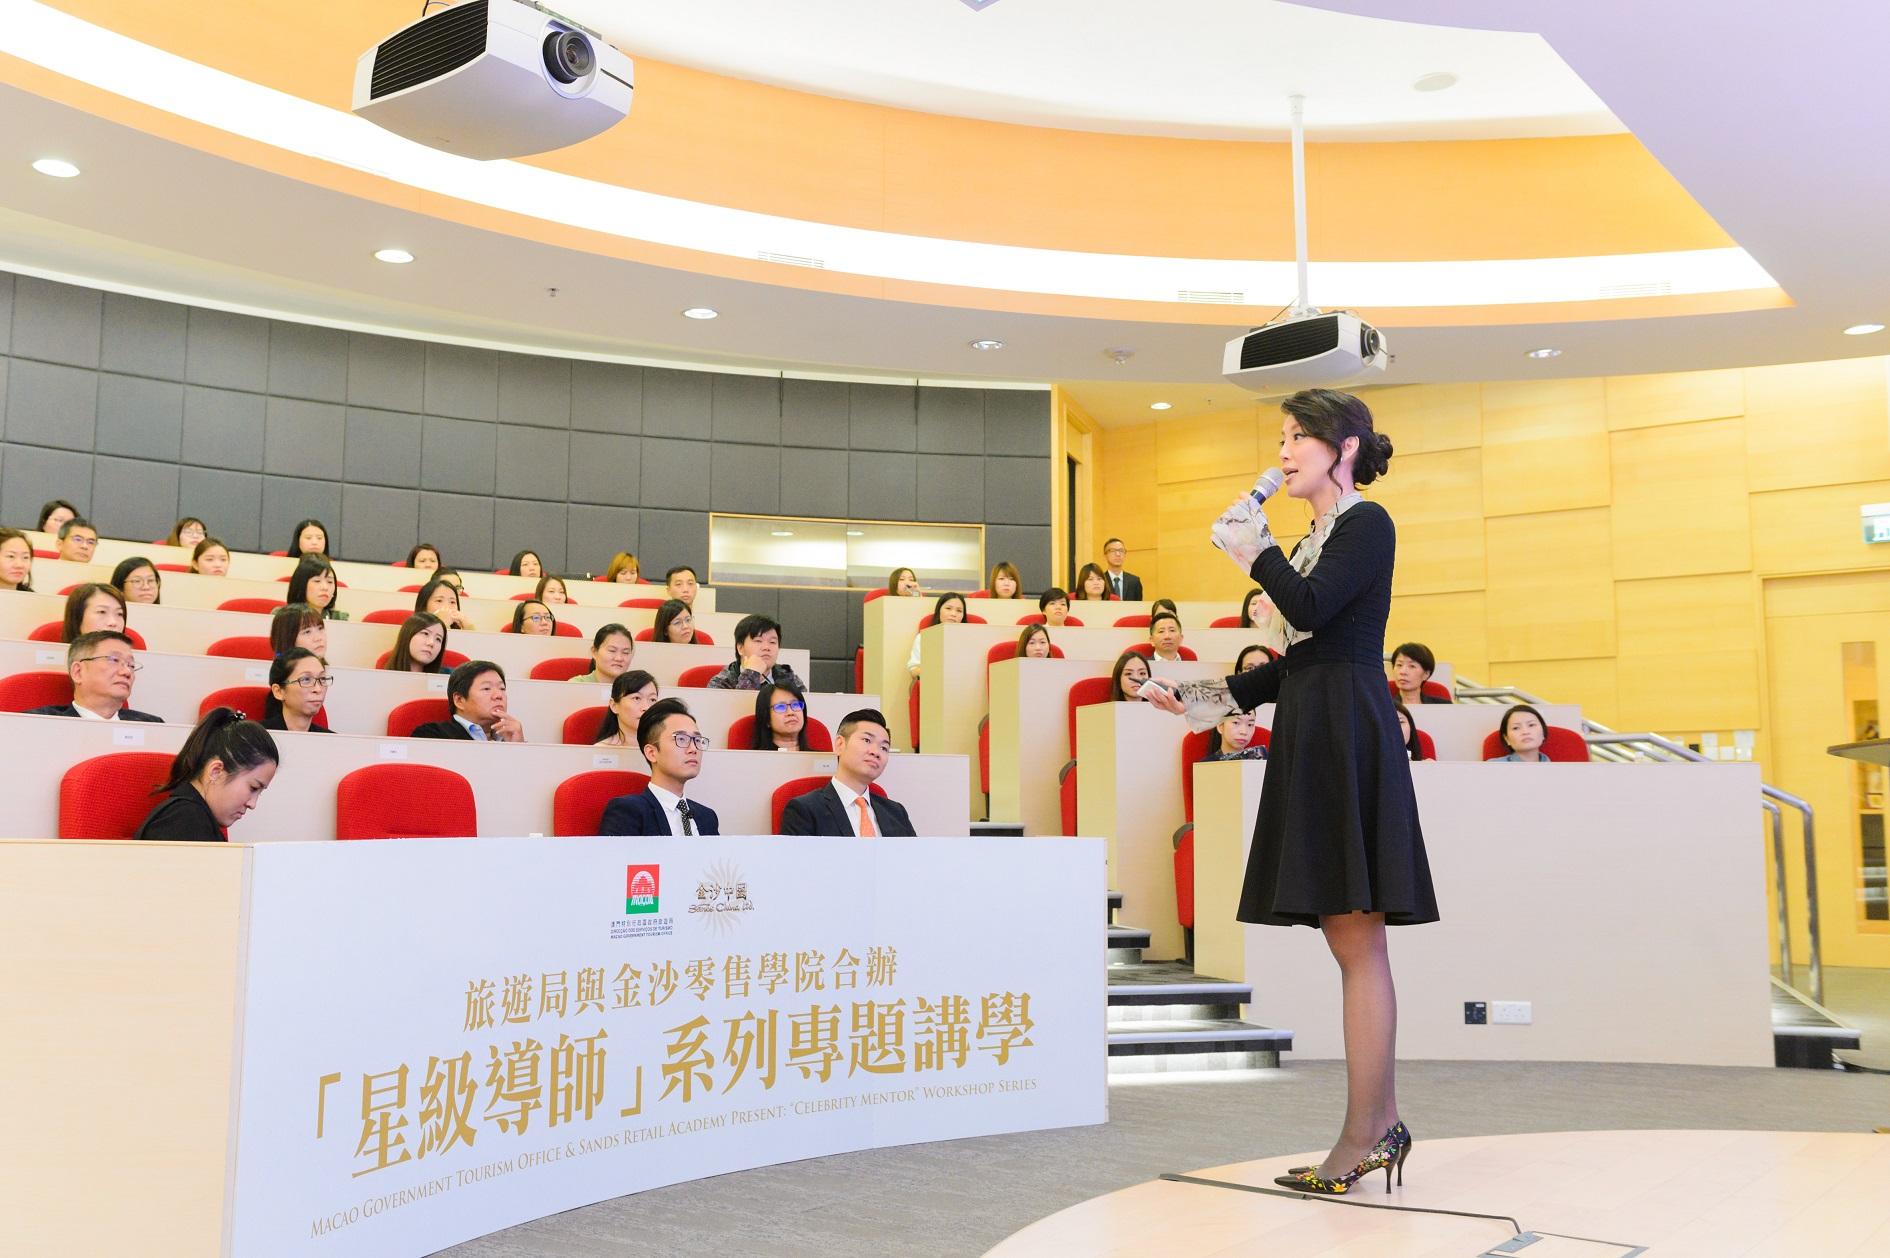 「星级导师」系列专题讲座 – 金沙中国有限公司